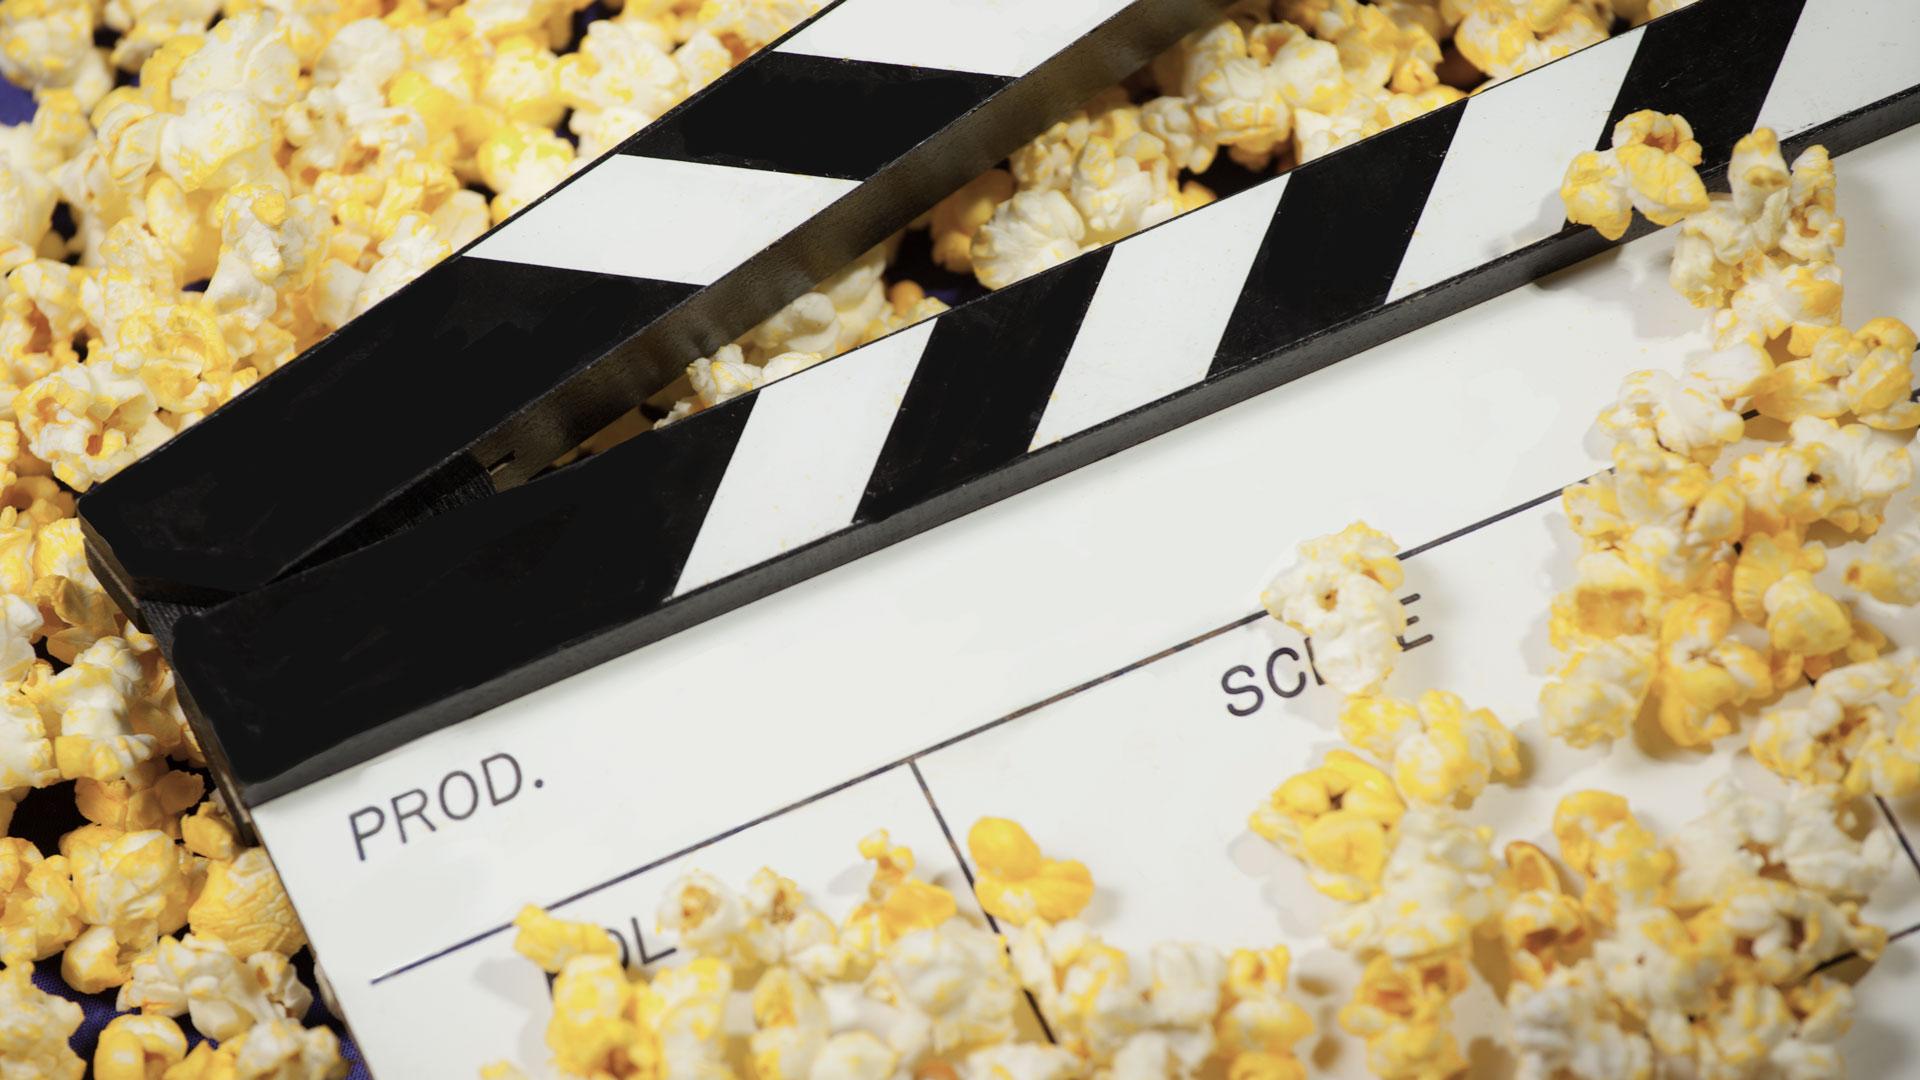 First childrens cinema to open in boksburg benoni city times first childrens cinema to open in boksburg voltagebd Choice Image